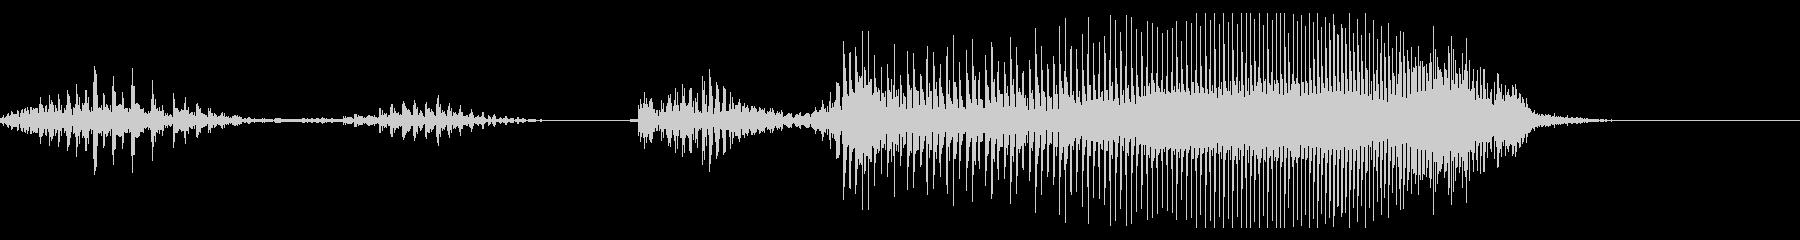 いっくぜぇ!!(クリティカル時などの声)の未再生の波形